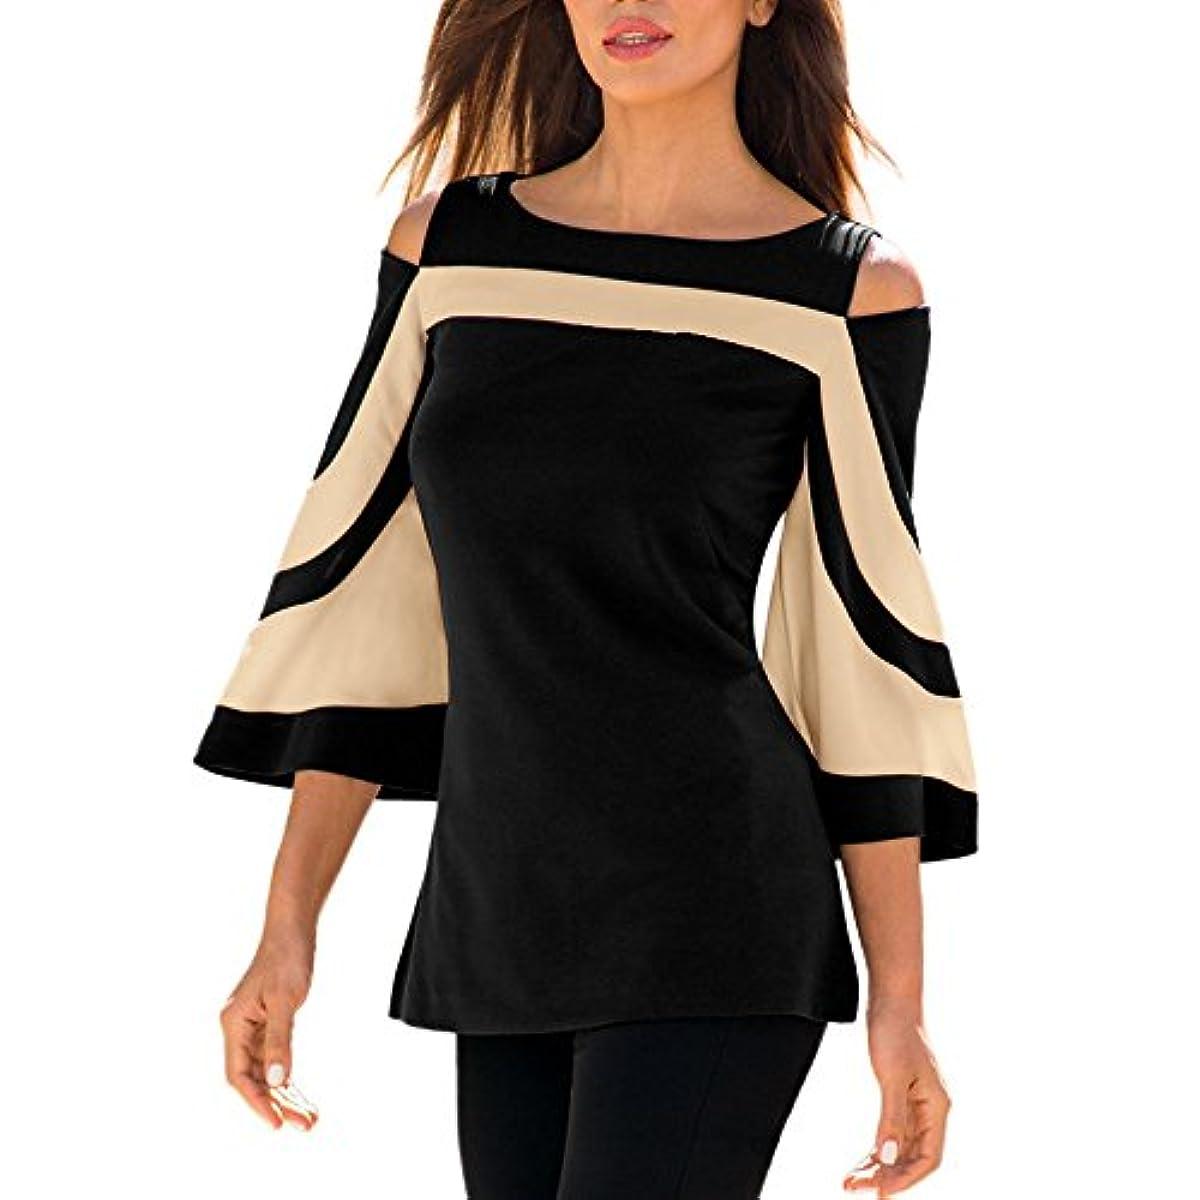 [해외] 탑 레이디스 여름 KOHORE 셔츠 튜닉 레이디스 T셔츠 블라우스 오피스 7부 소매면 플레어 슬리브 견내엠보싱 ## T셔츠 넉넉하게 체형 커버 멋쟁이 S-XL 큰 사이즈 춘추동 블라우스 실내복 선물